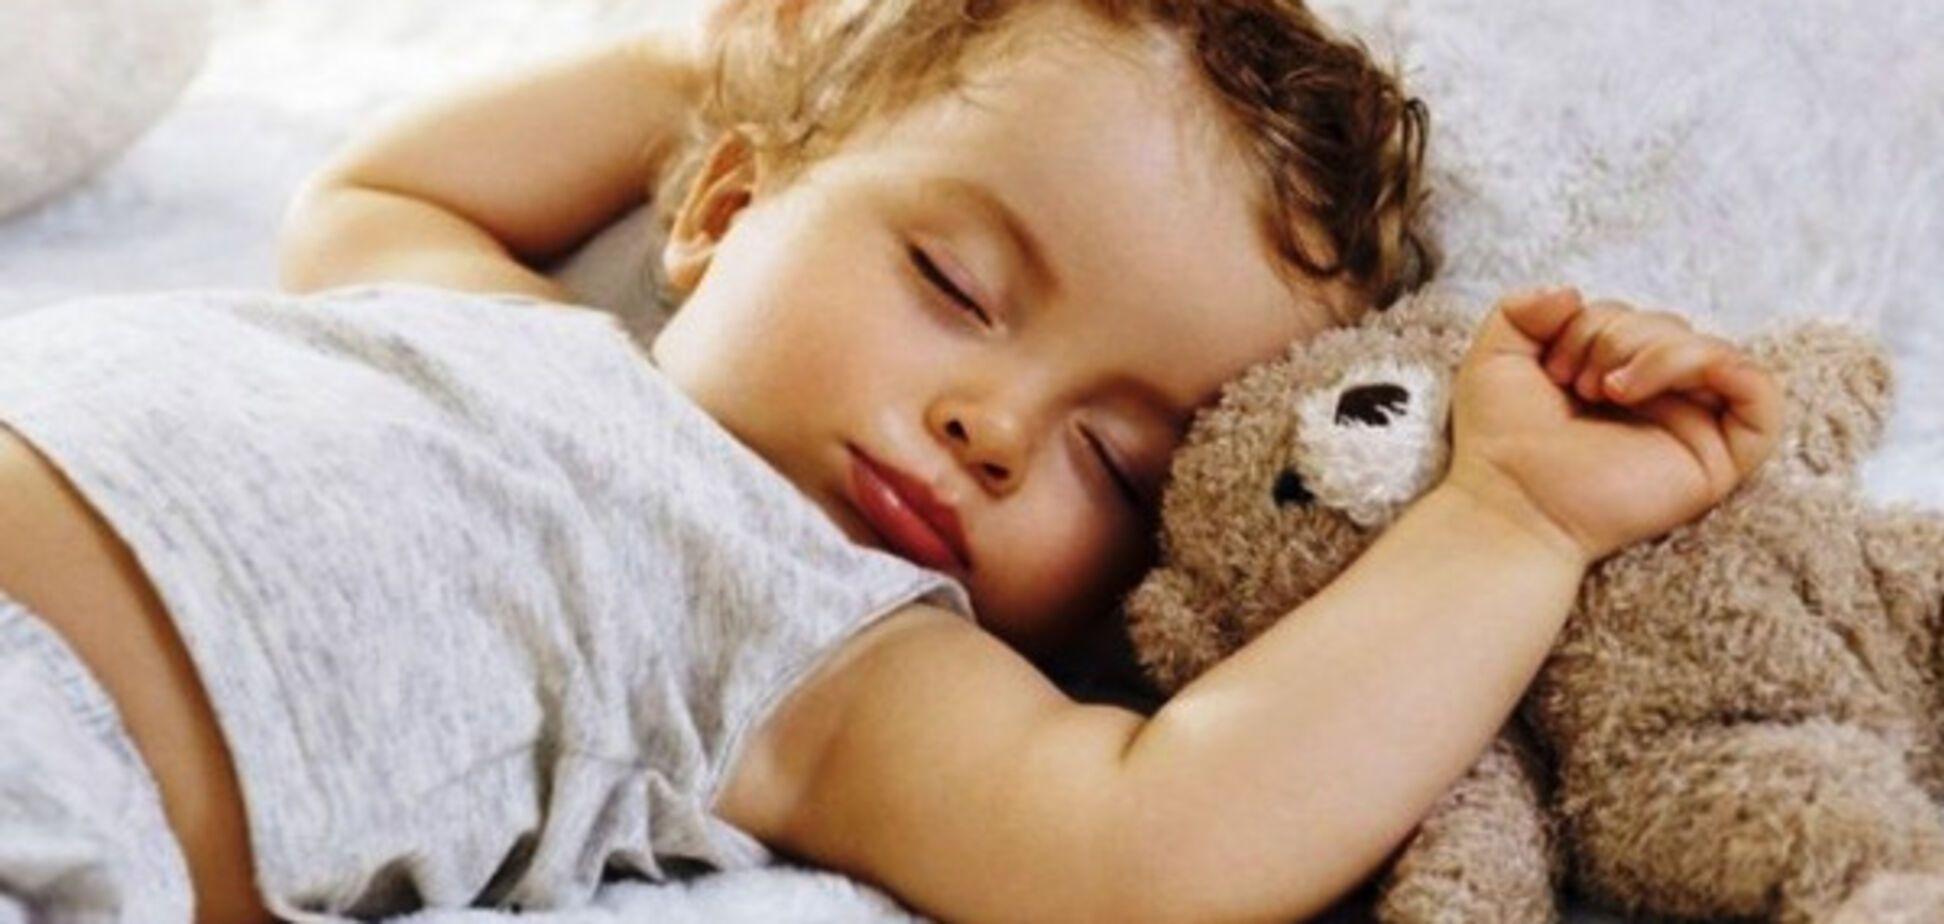 Детский сон: сколько нужно спать ребенку, в зависимости от возраста